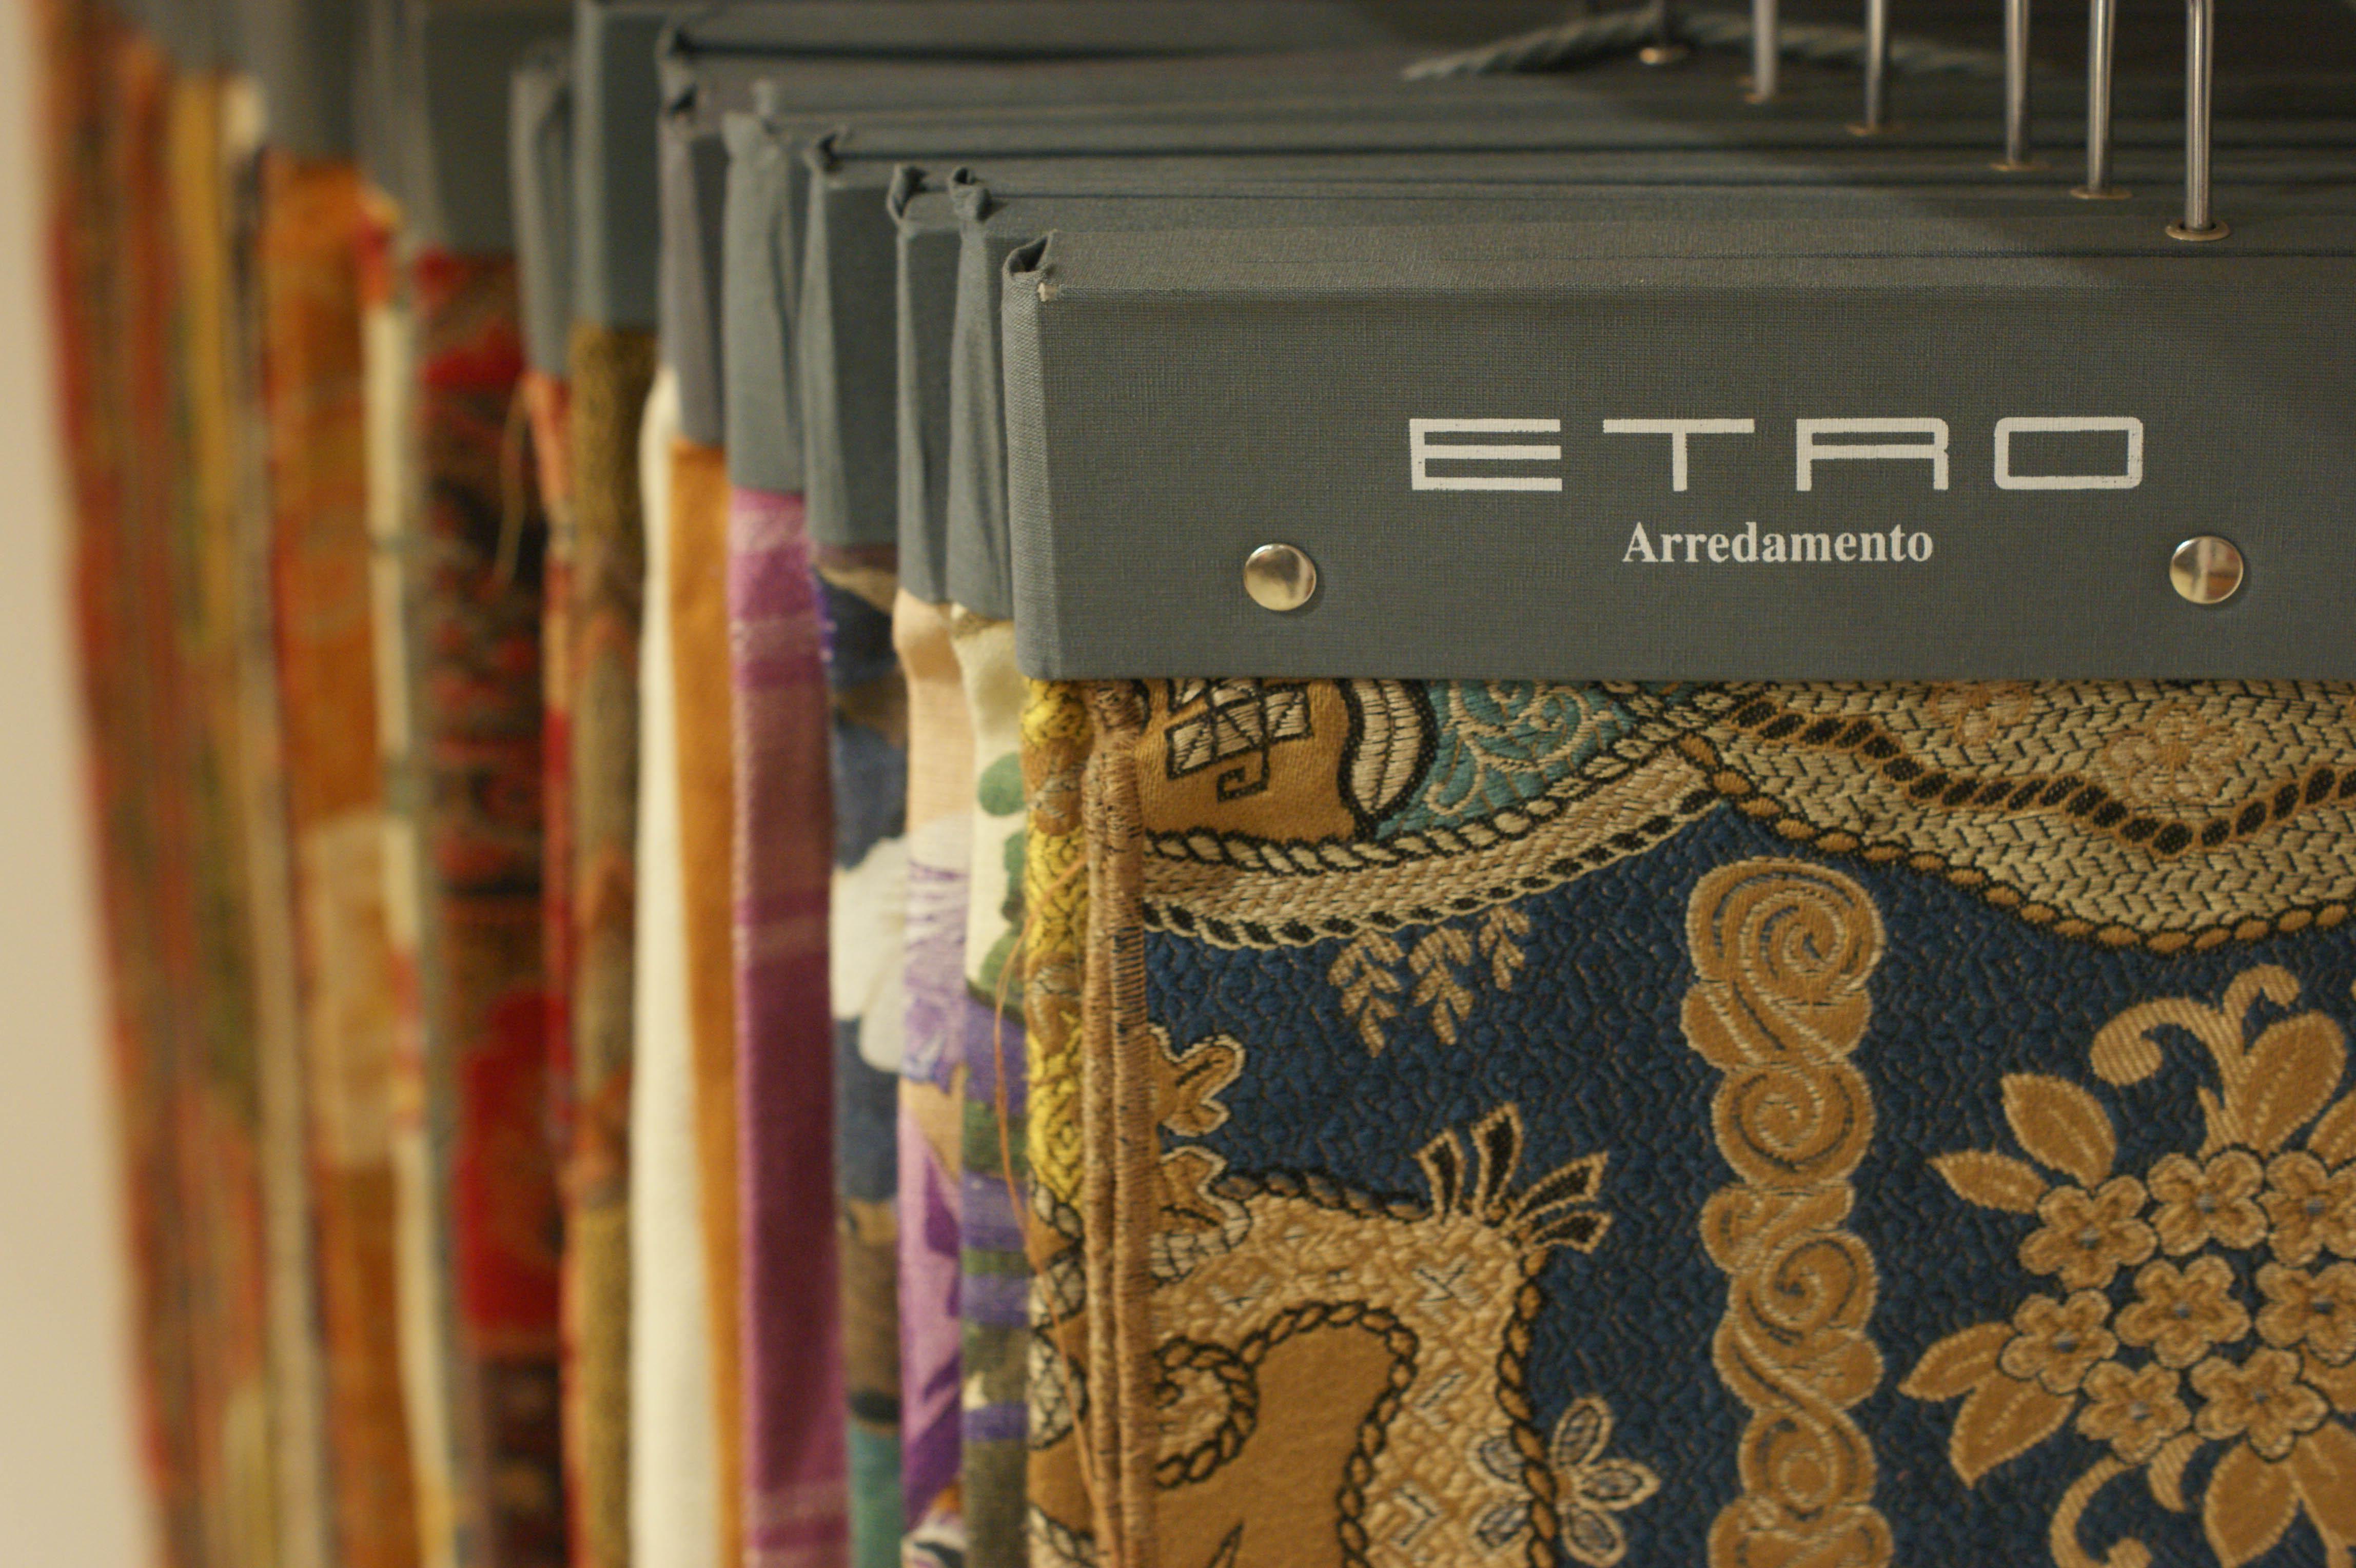 Collection textile Etro